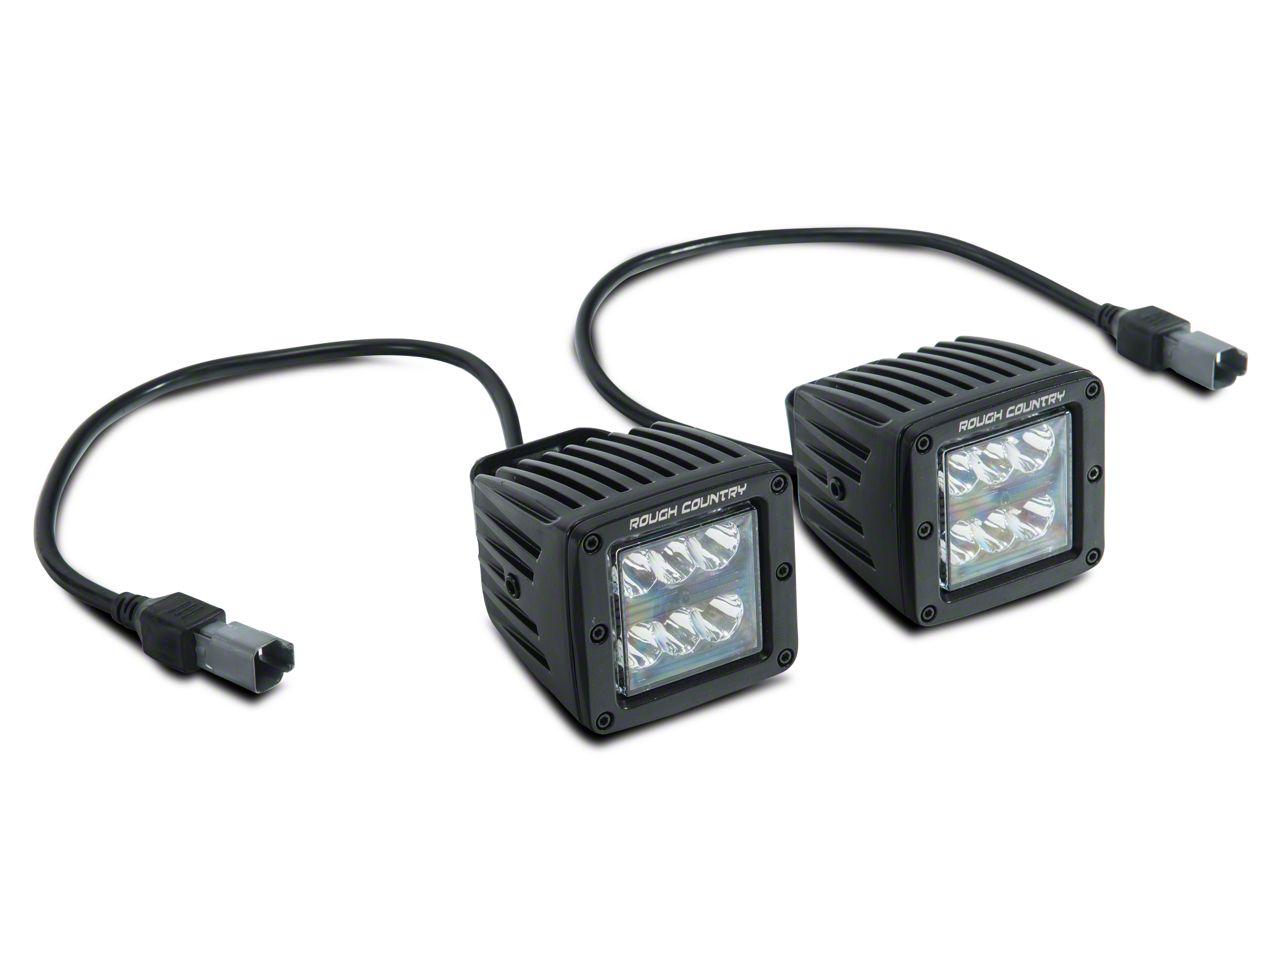 Rough Country Black Series LED Fog Light Kit (10-18 Jeep Wrangler JK)